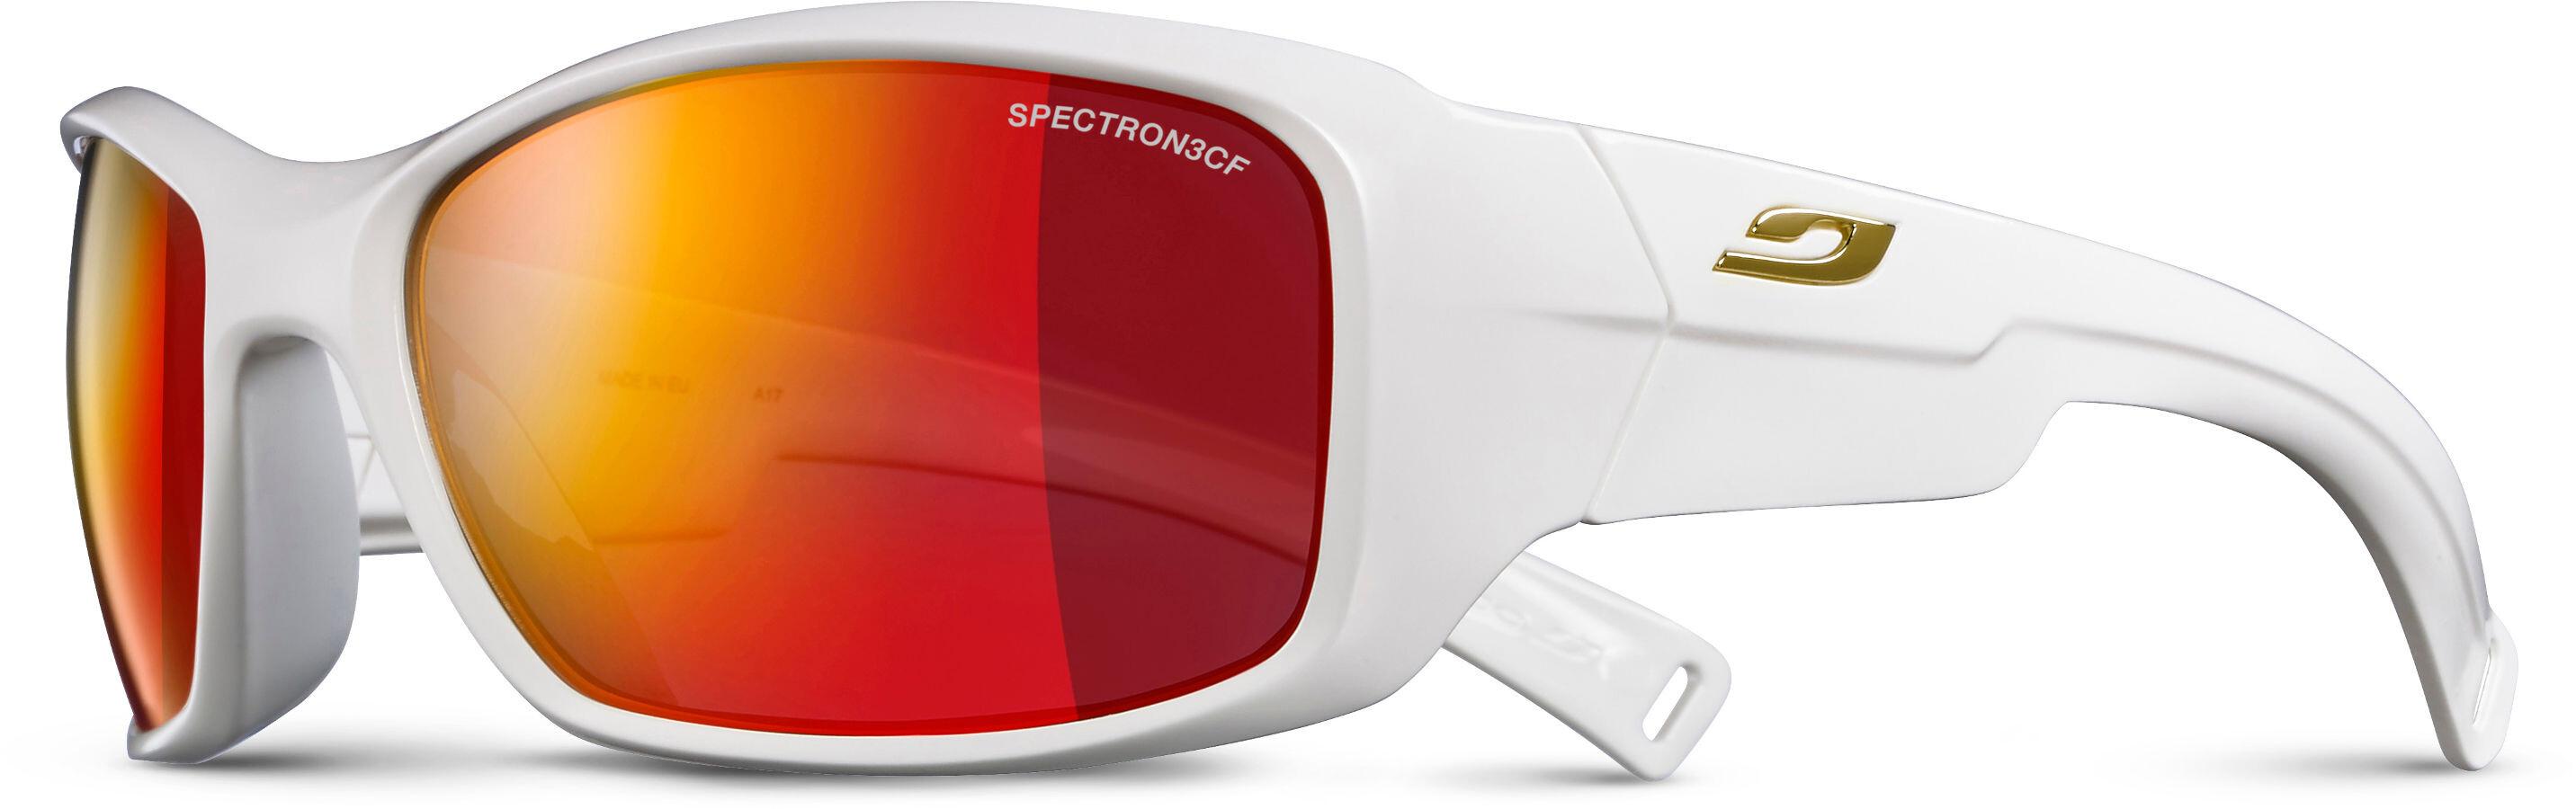 0db28f44c9 Julbo Rookie Spectron 3CF - Gafas Niños - 8-12Y rojo/blanco   Campz.es